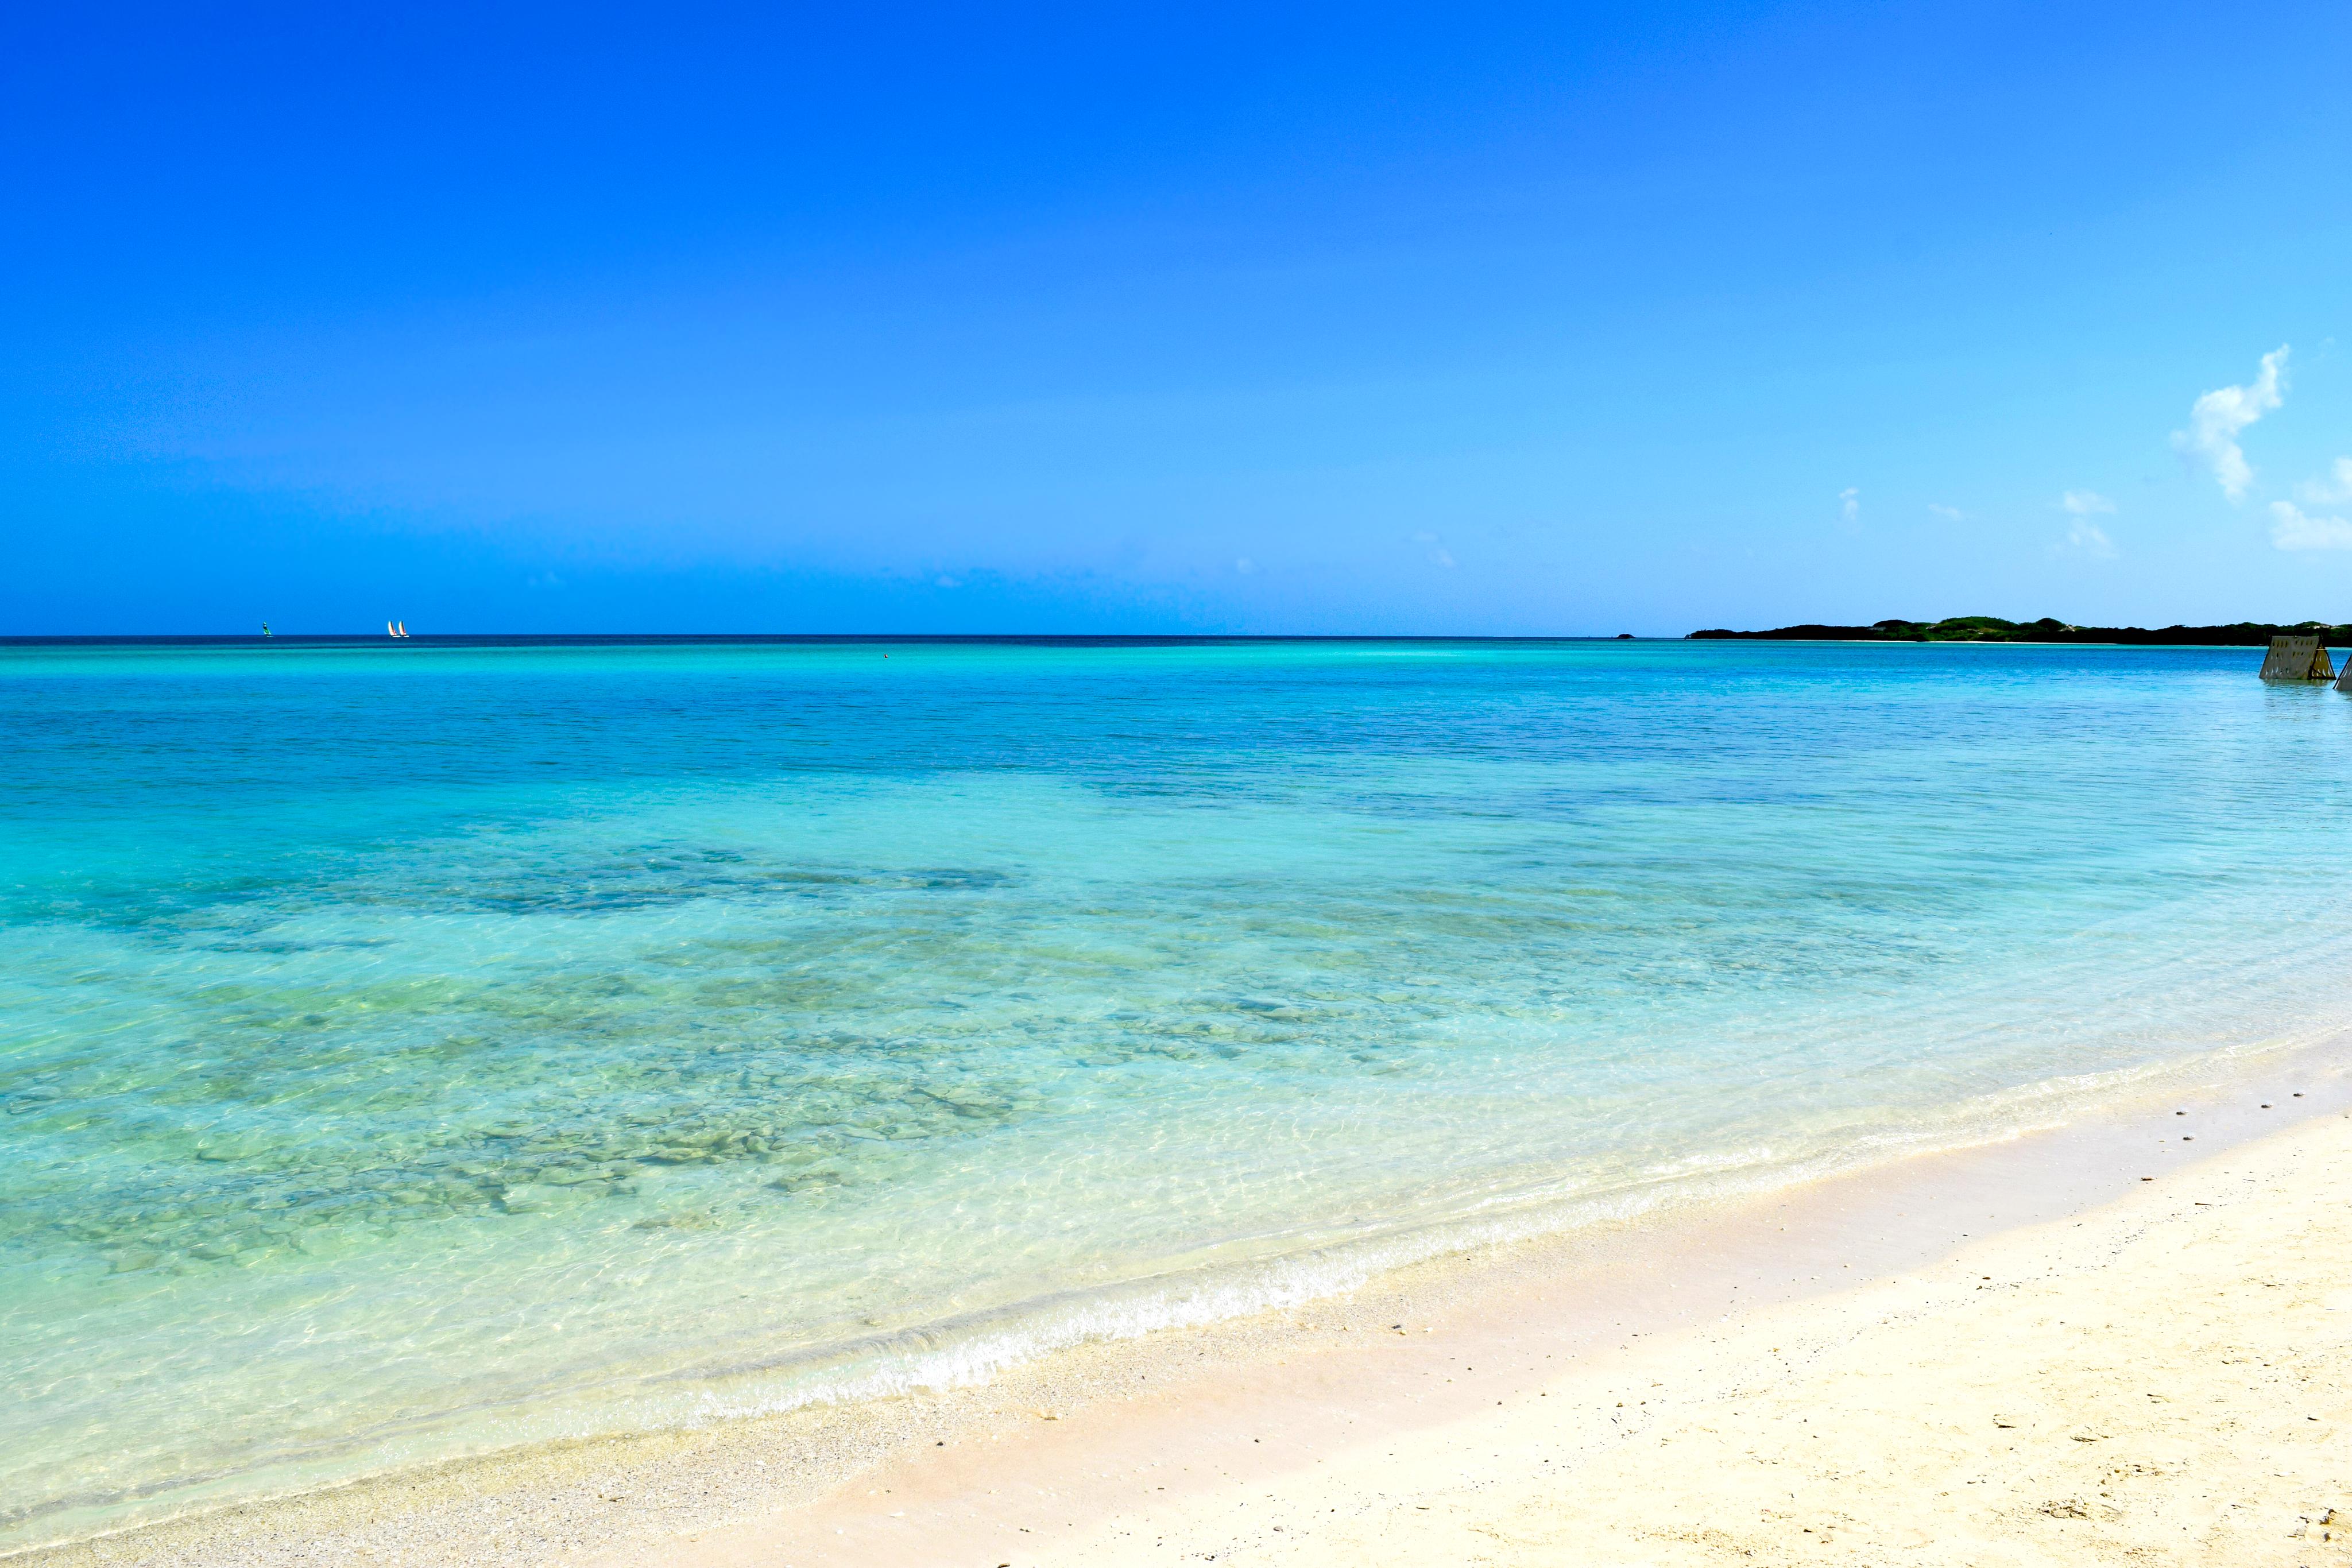 Simple Flows - Beach: Cuba by GhastlyDragon